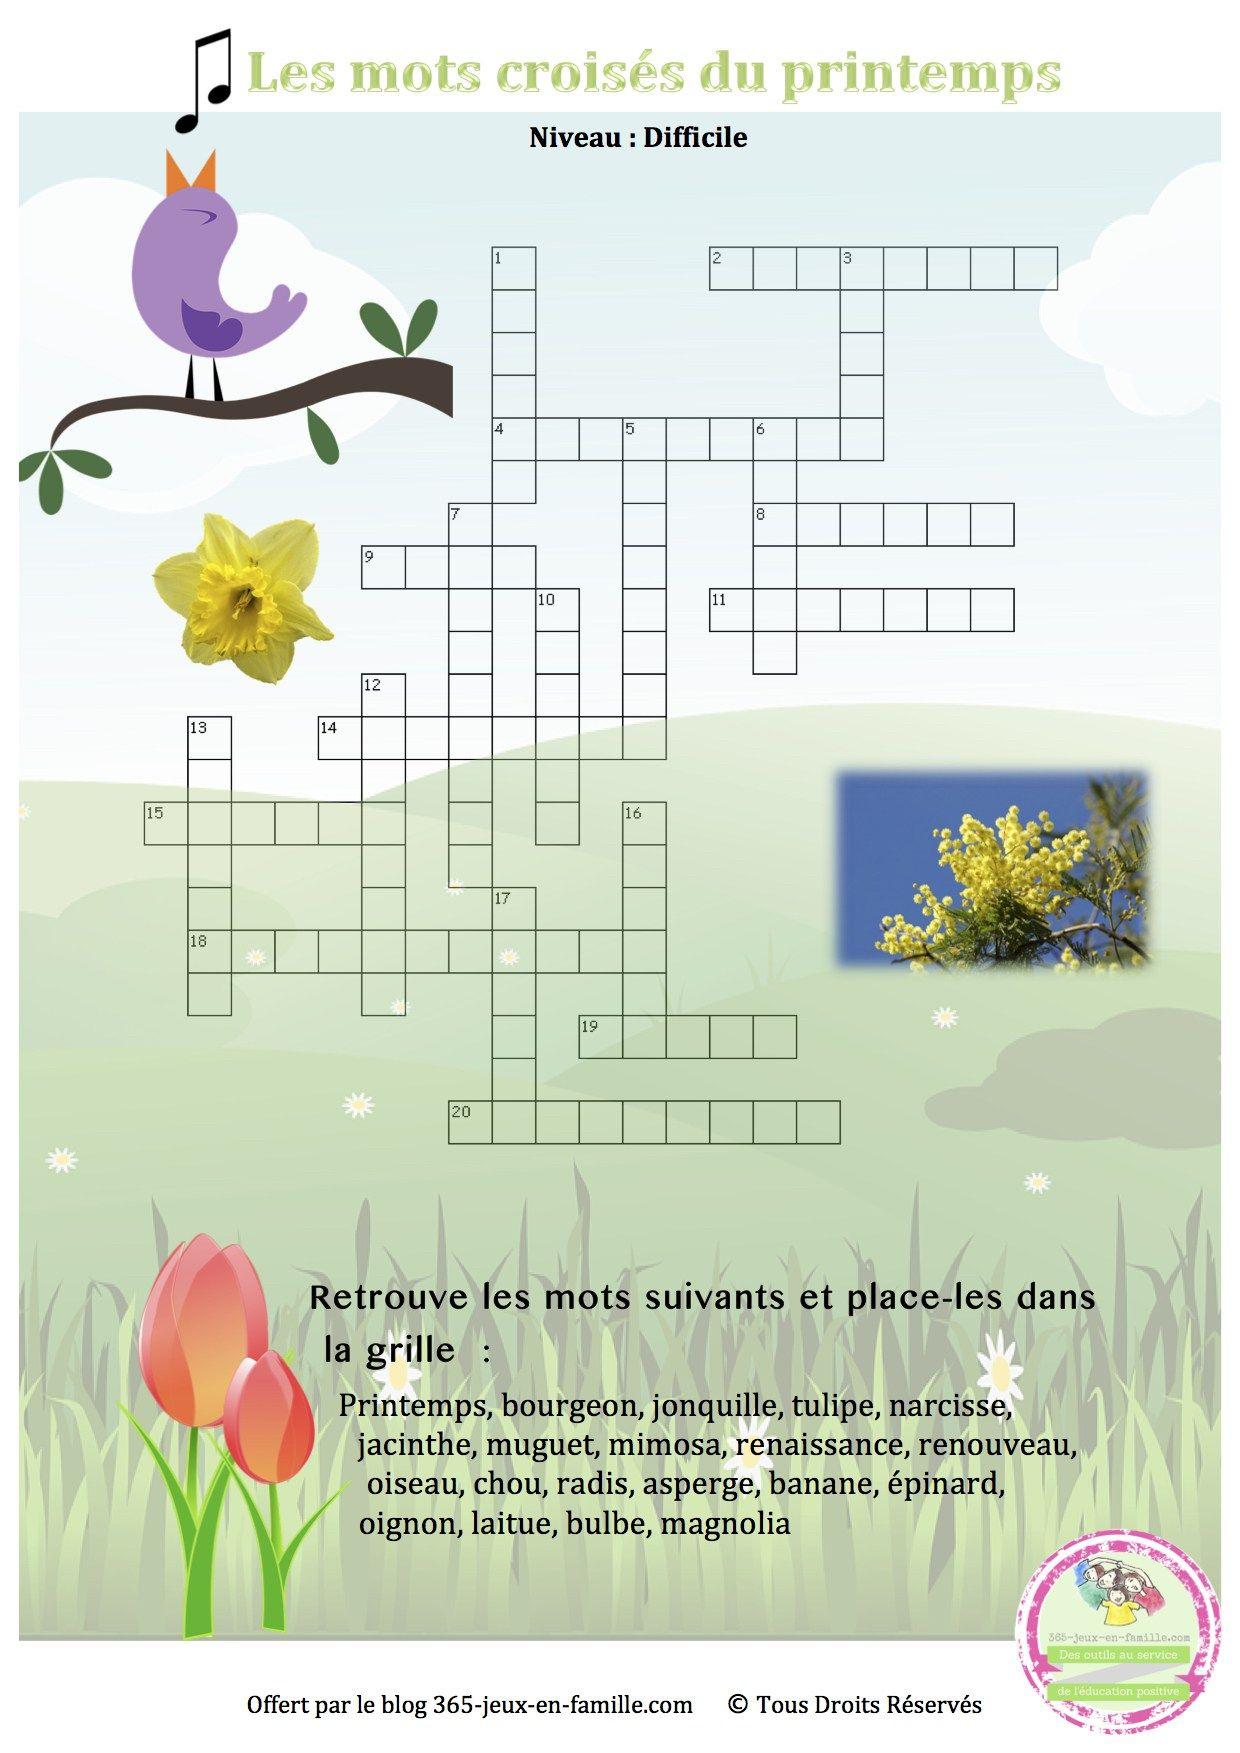 12 Jeux Gratuits À Imprimer Pour Le Printemps | Crossword à Puzzles Gratuits Pour Tous